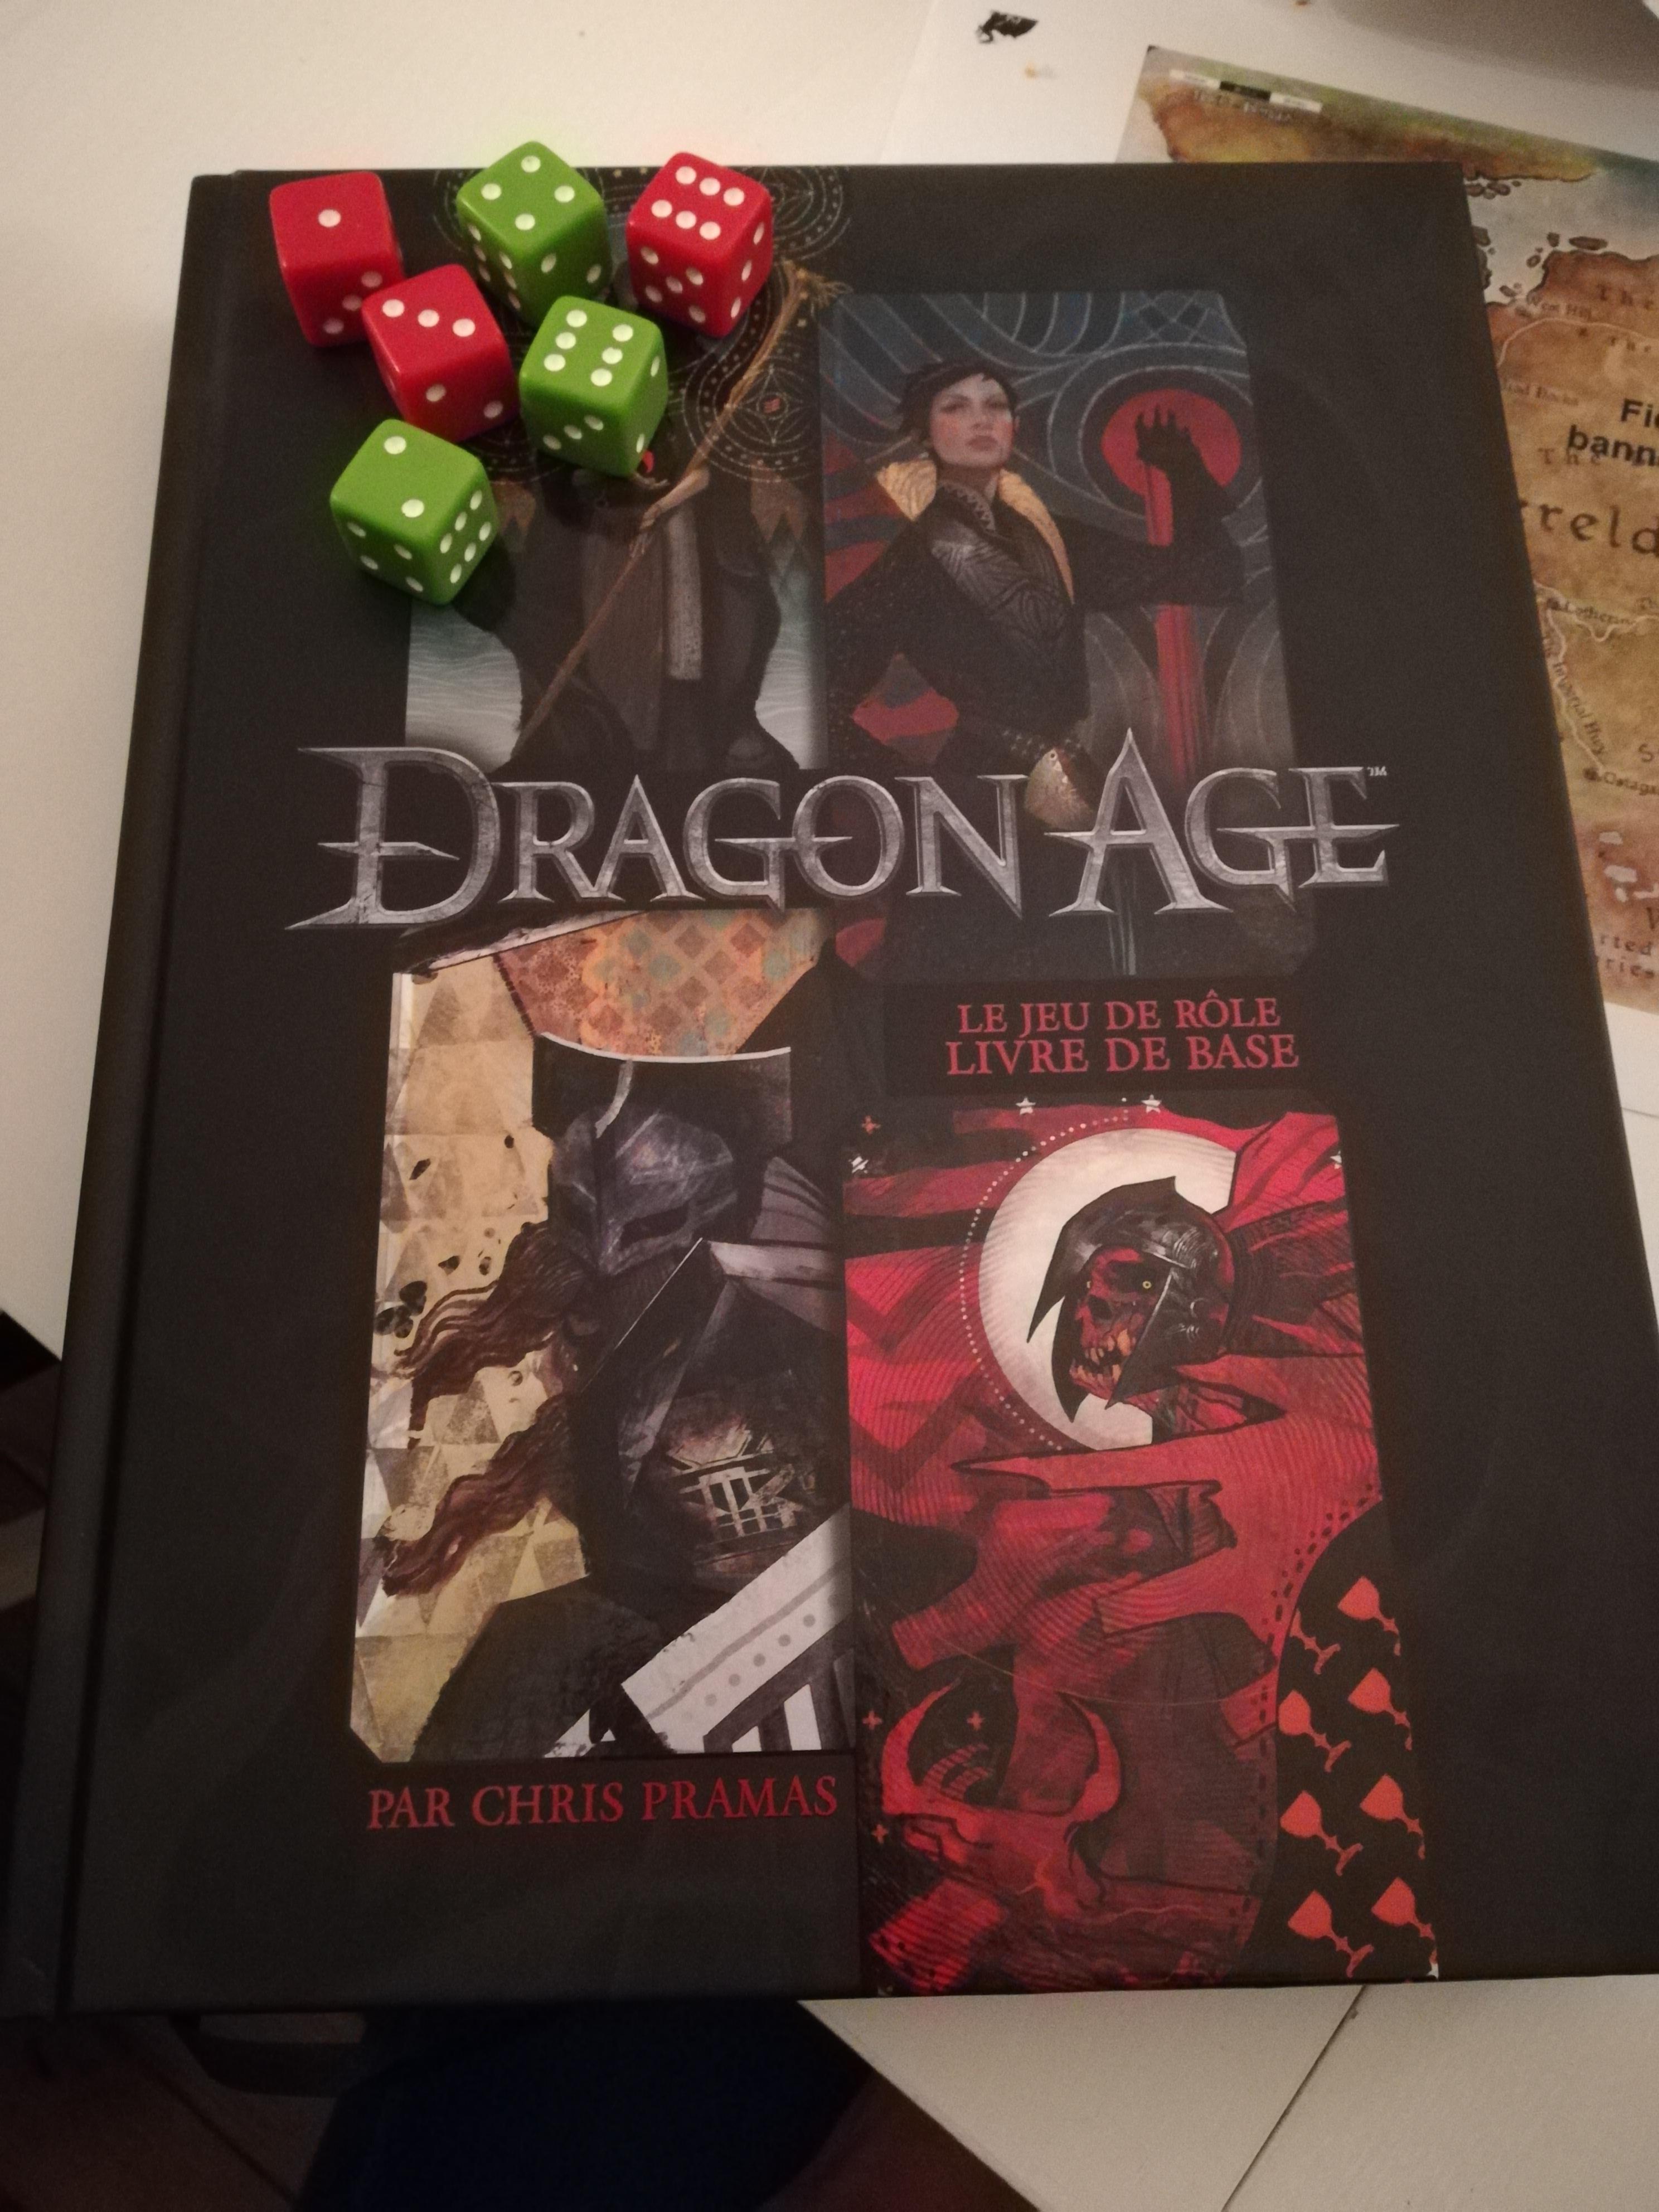 jeu-de-role-moovely-dragon-age